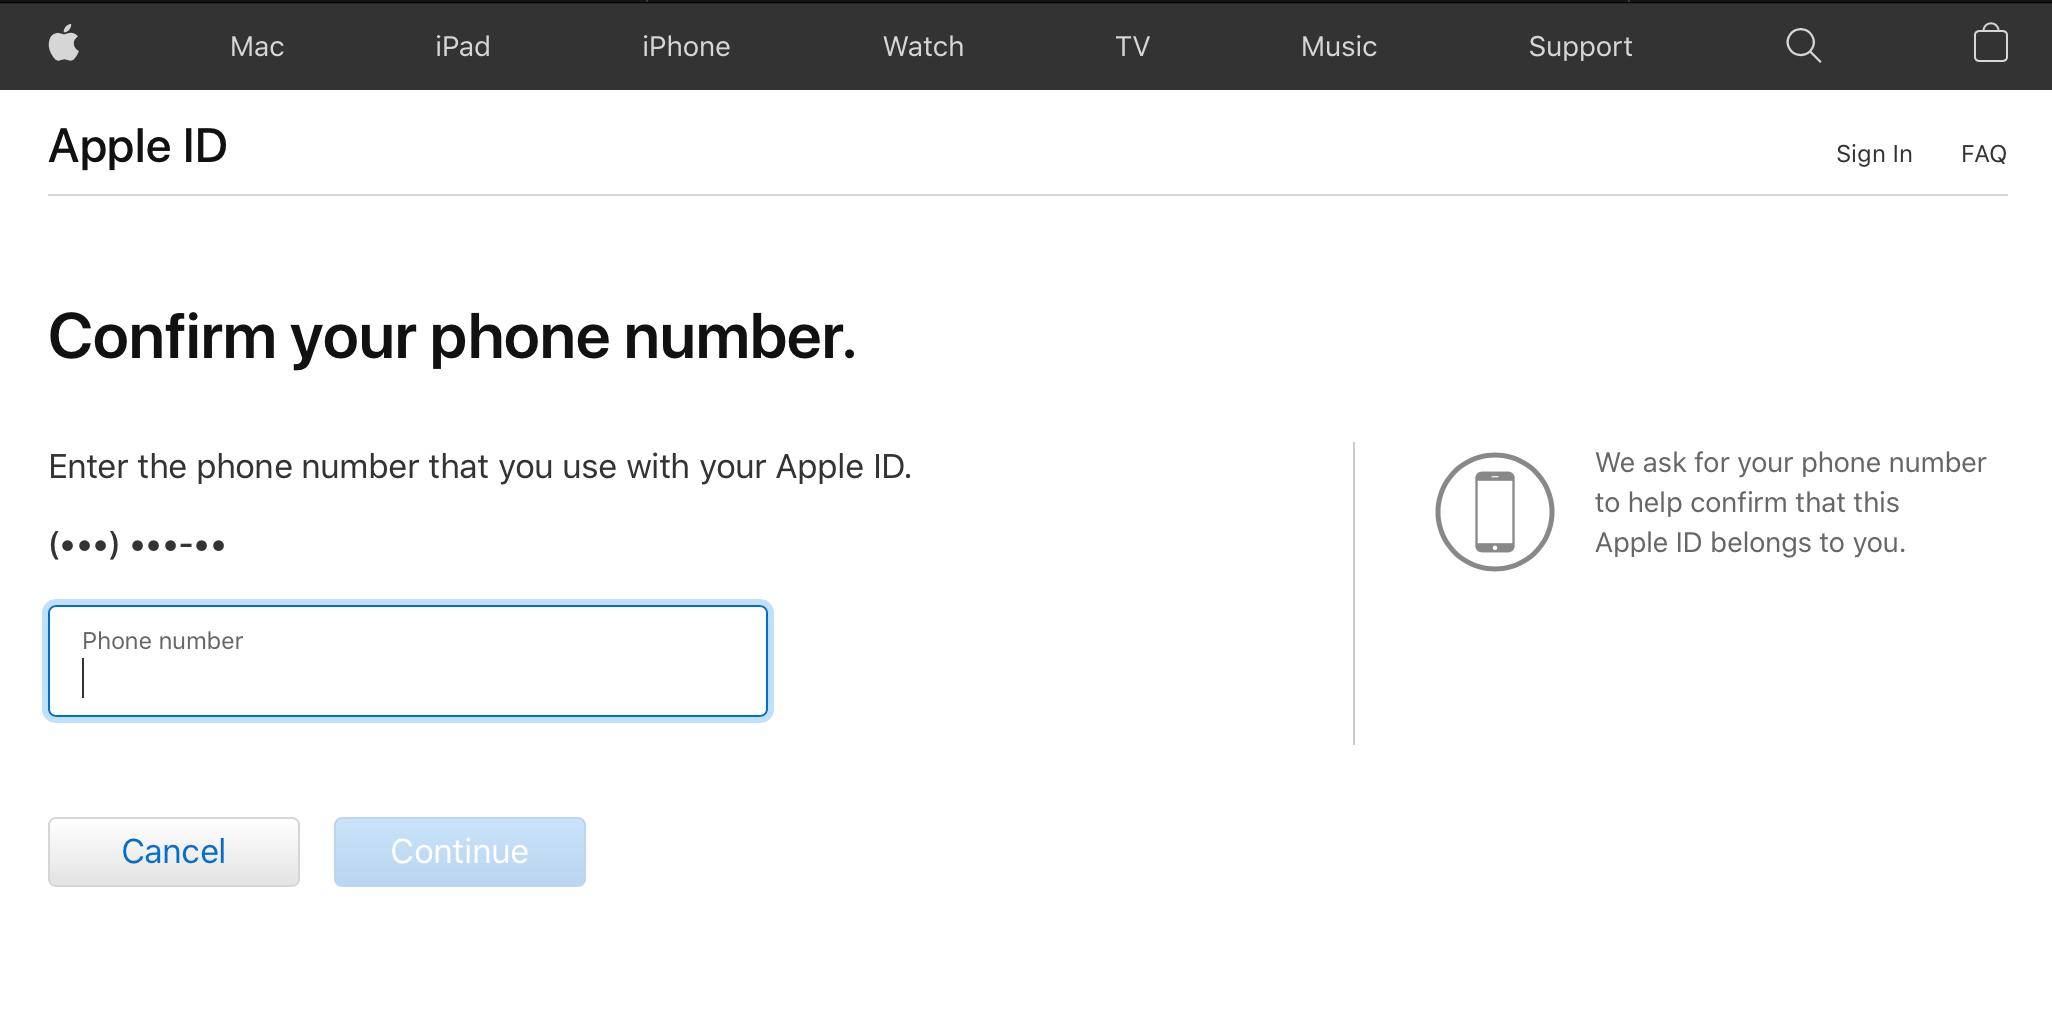 apple ID phone number